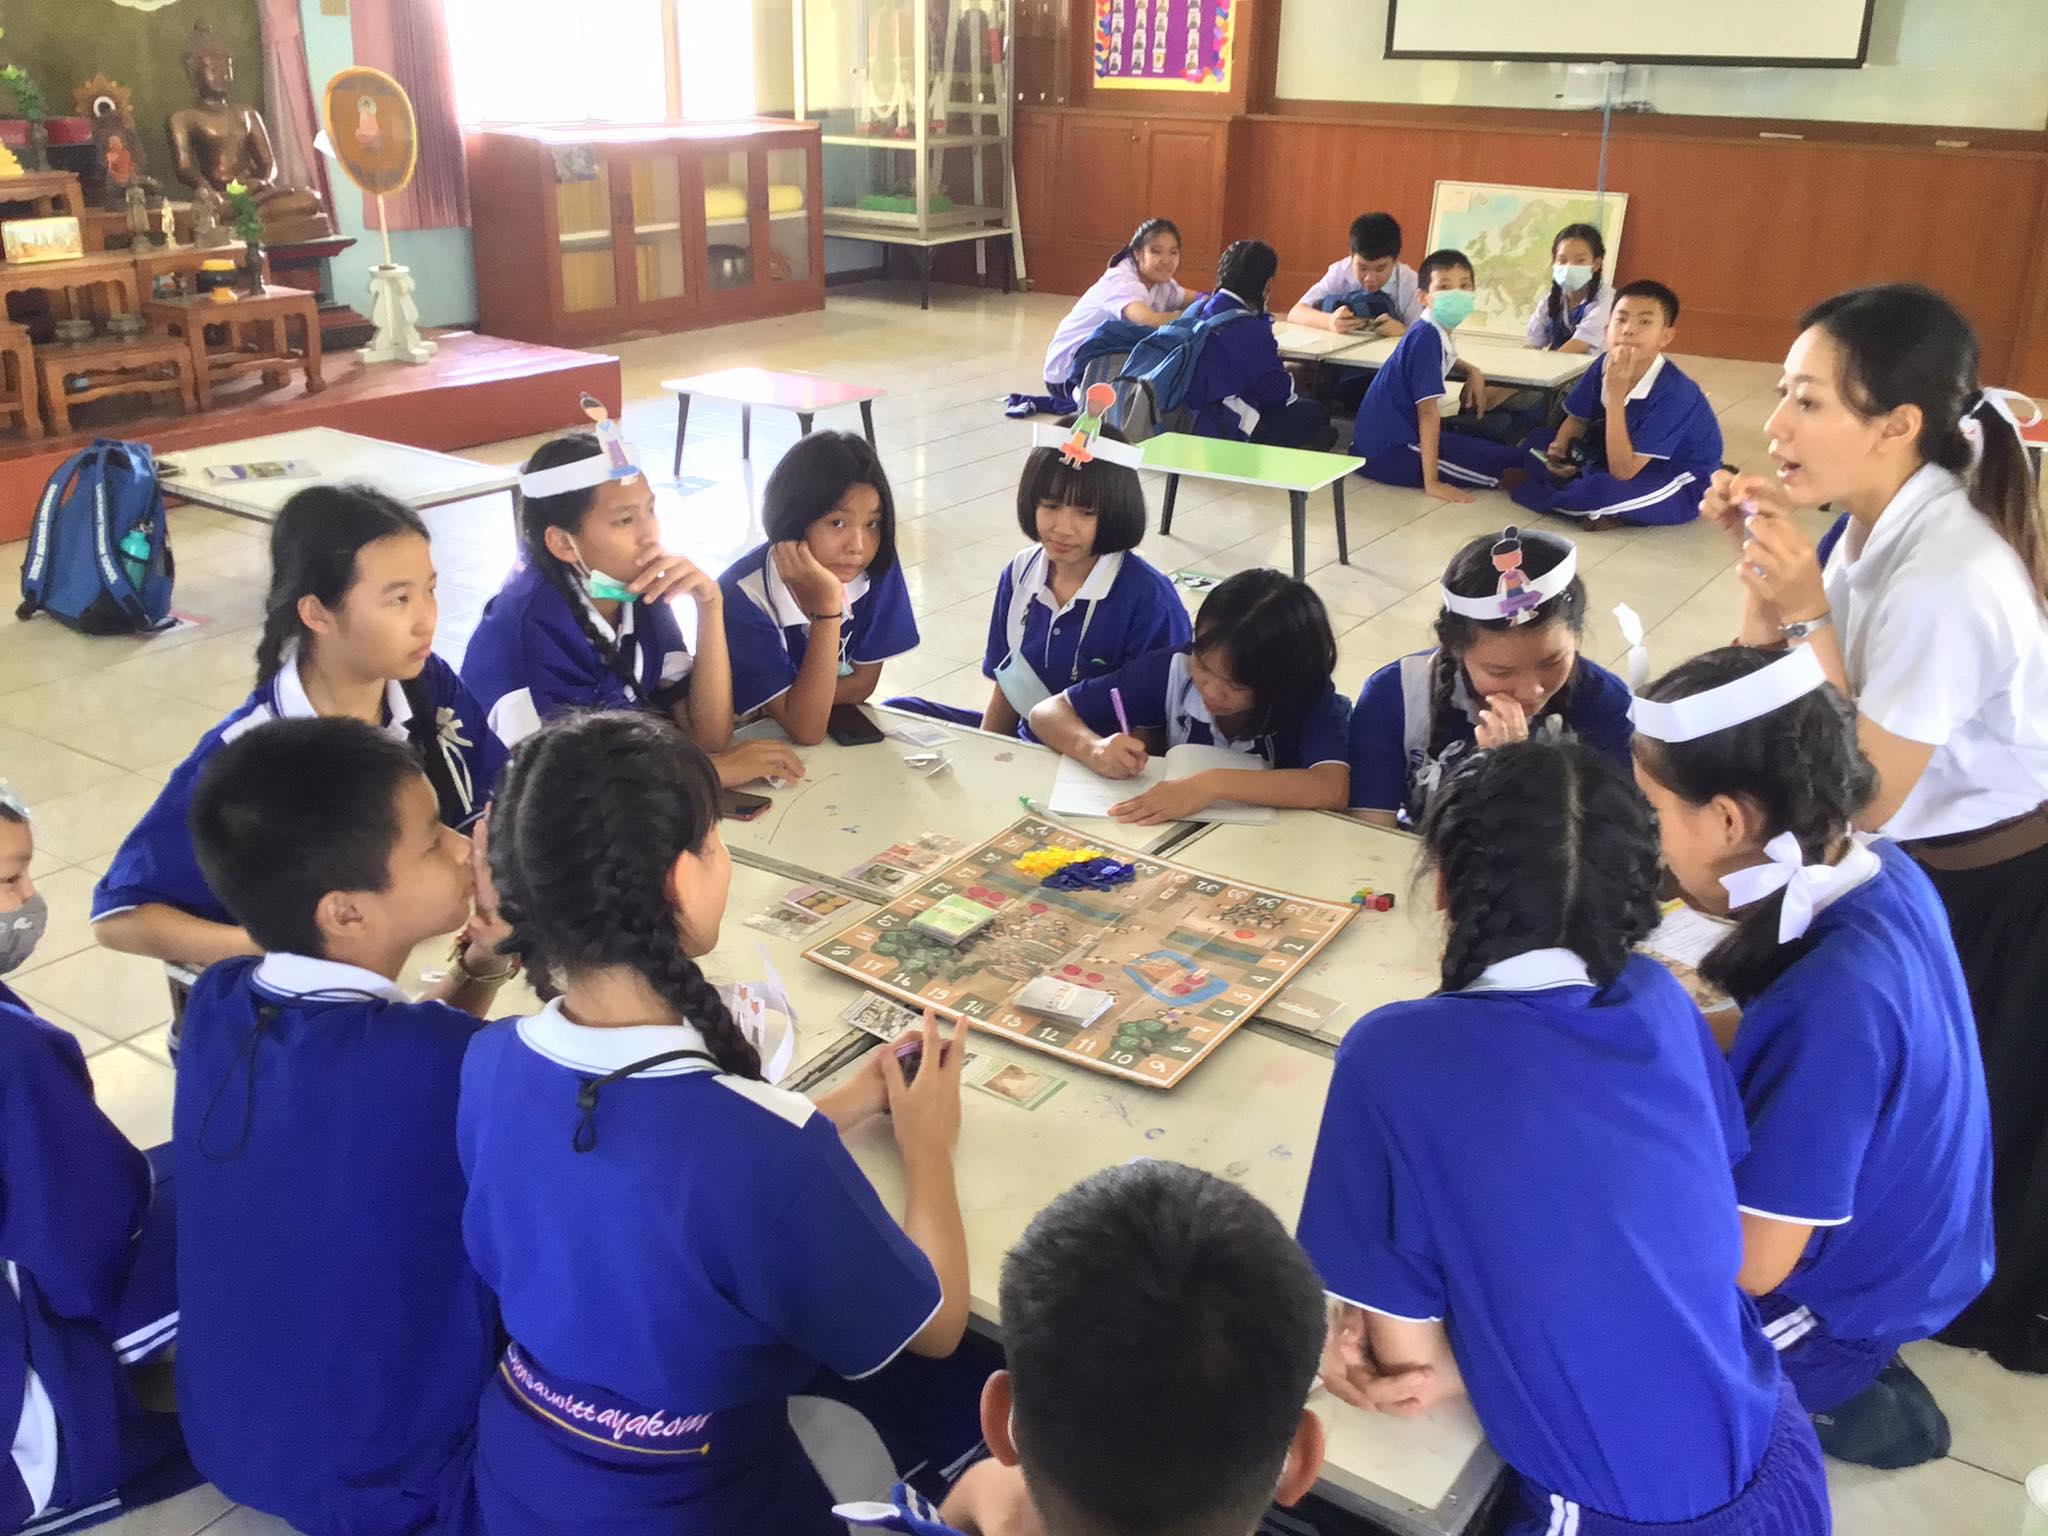 ภาพประกอบไอเดีย บอร์ดเกมเพื่อการศึกษาประวัติศาสตร์สุโขทัย ชั้นม.1